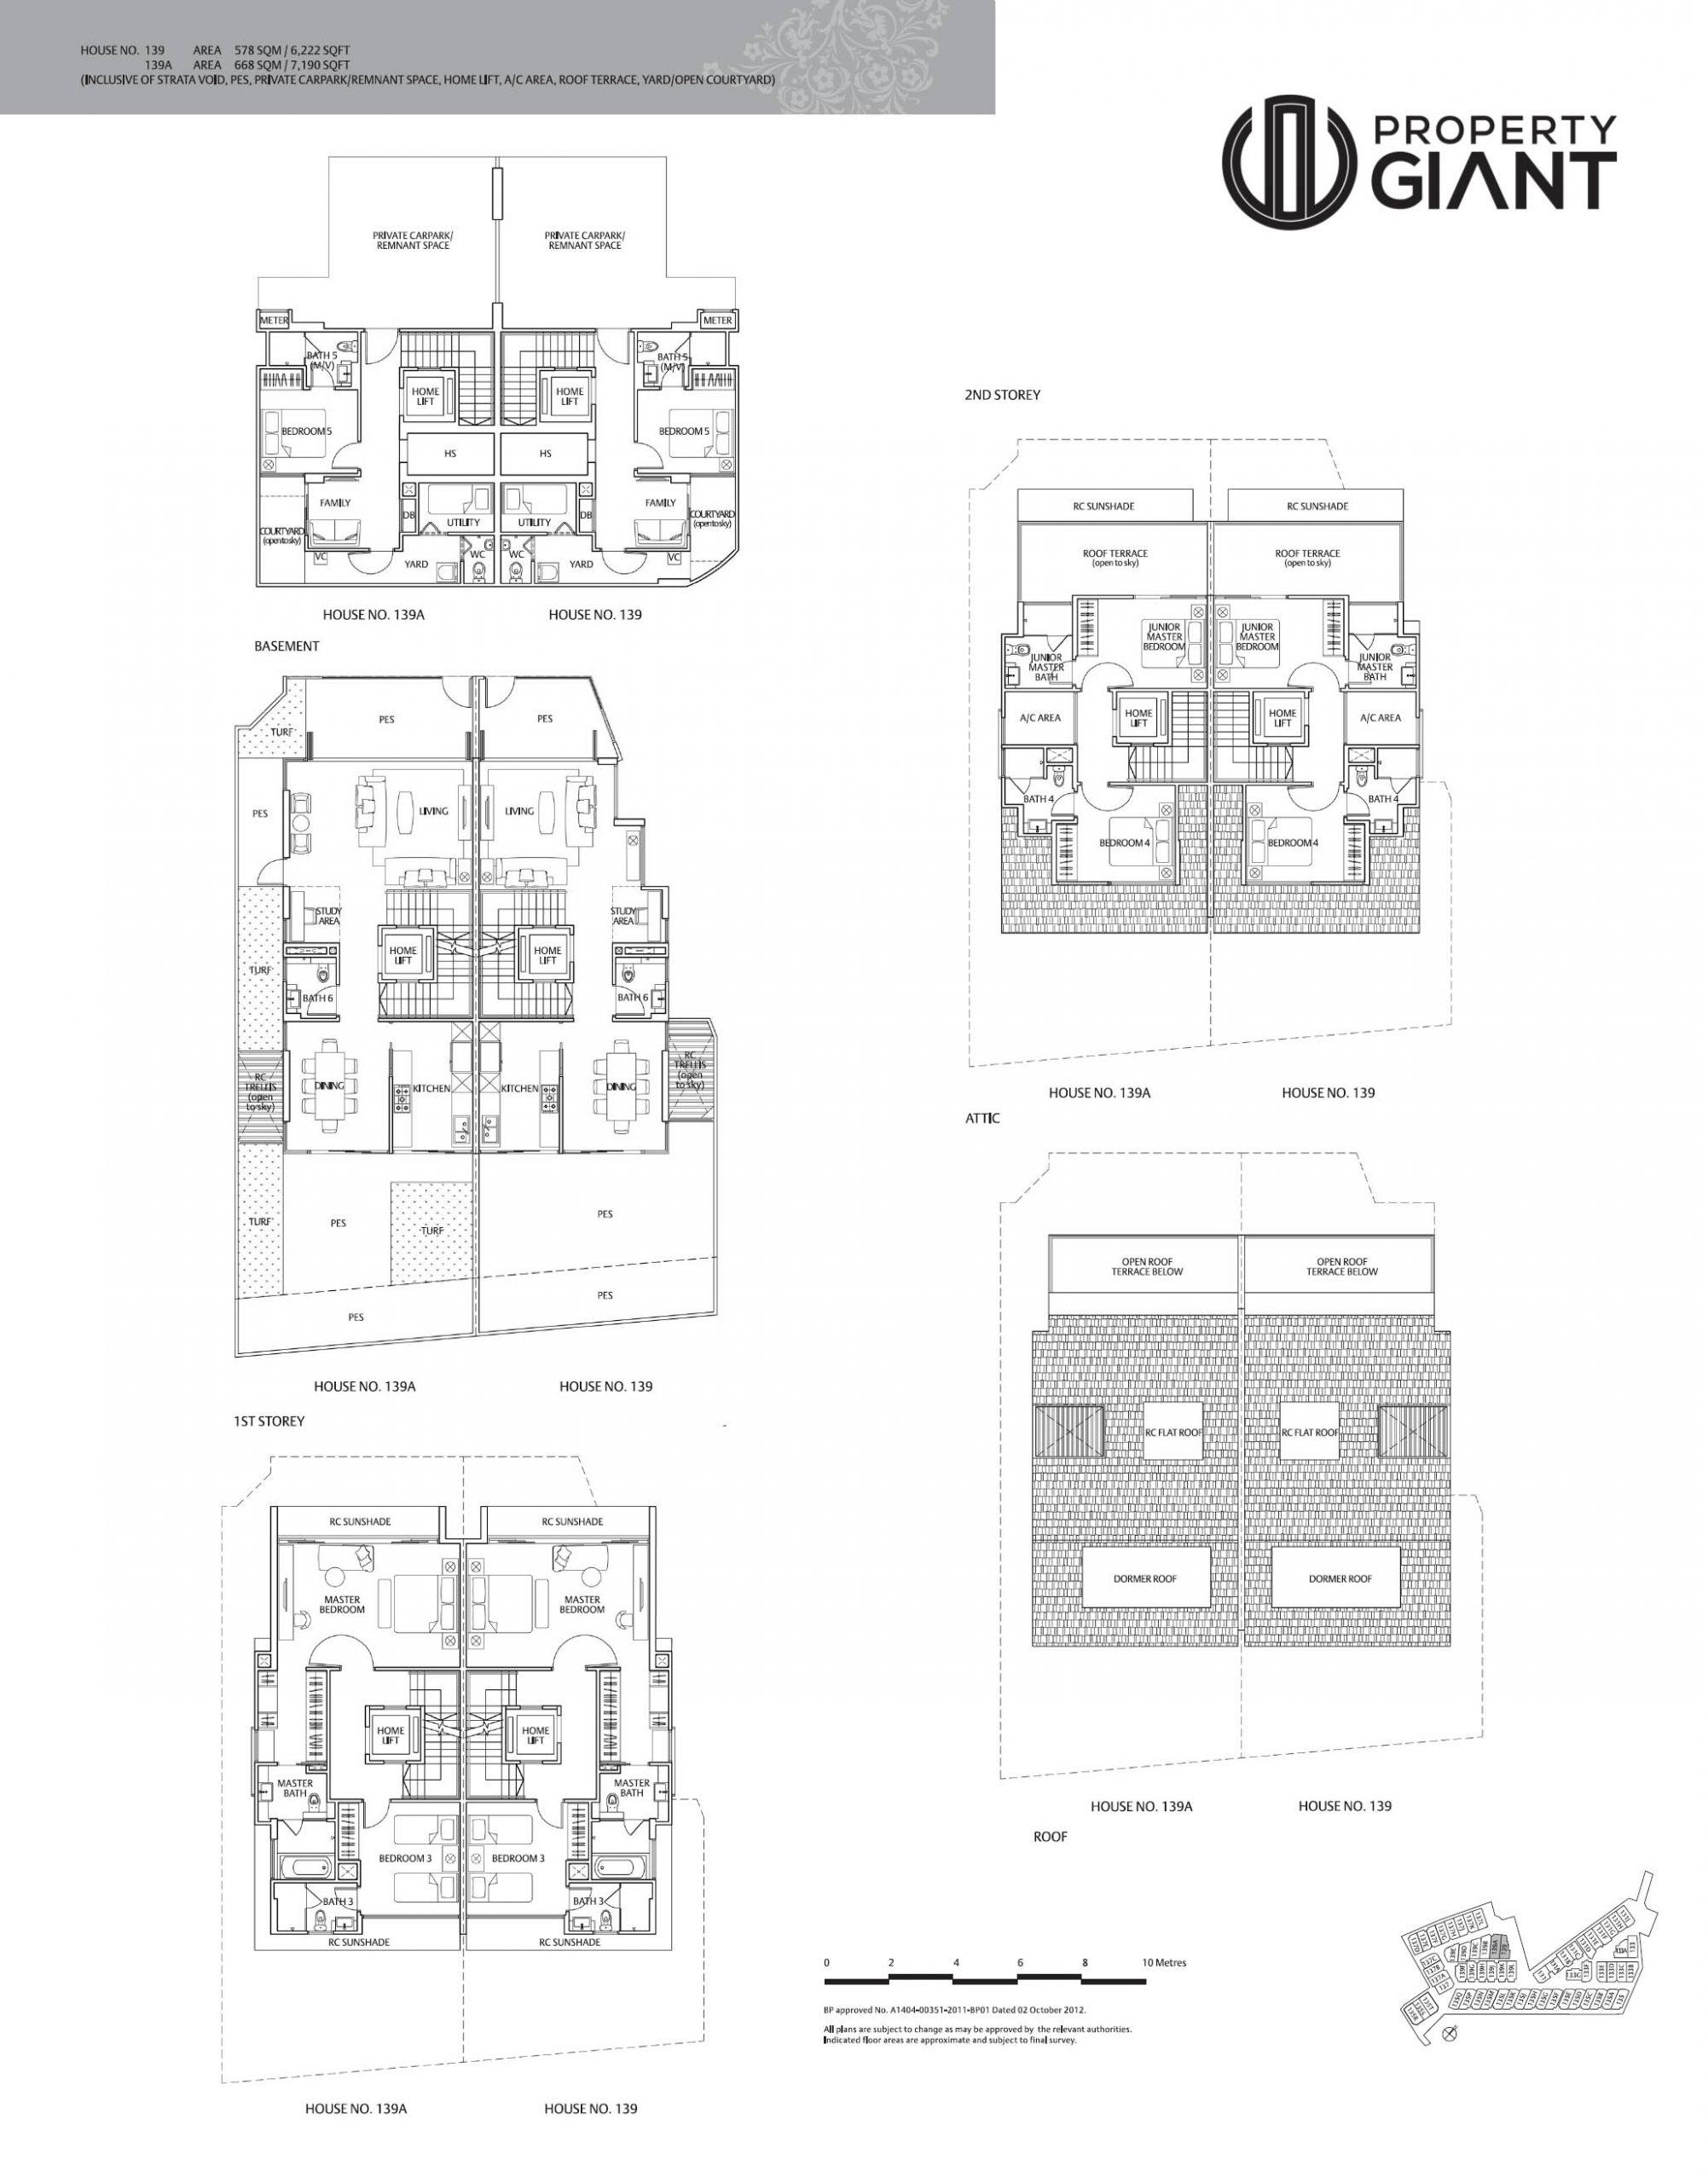 House No. 139A